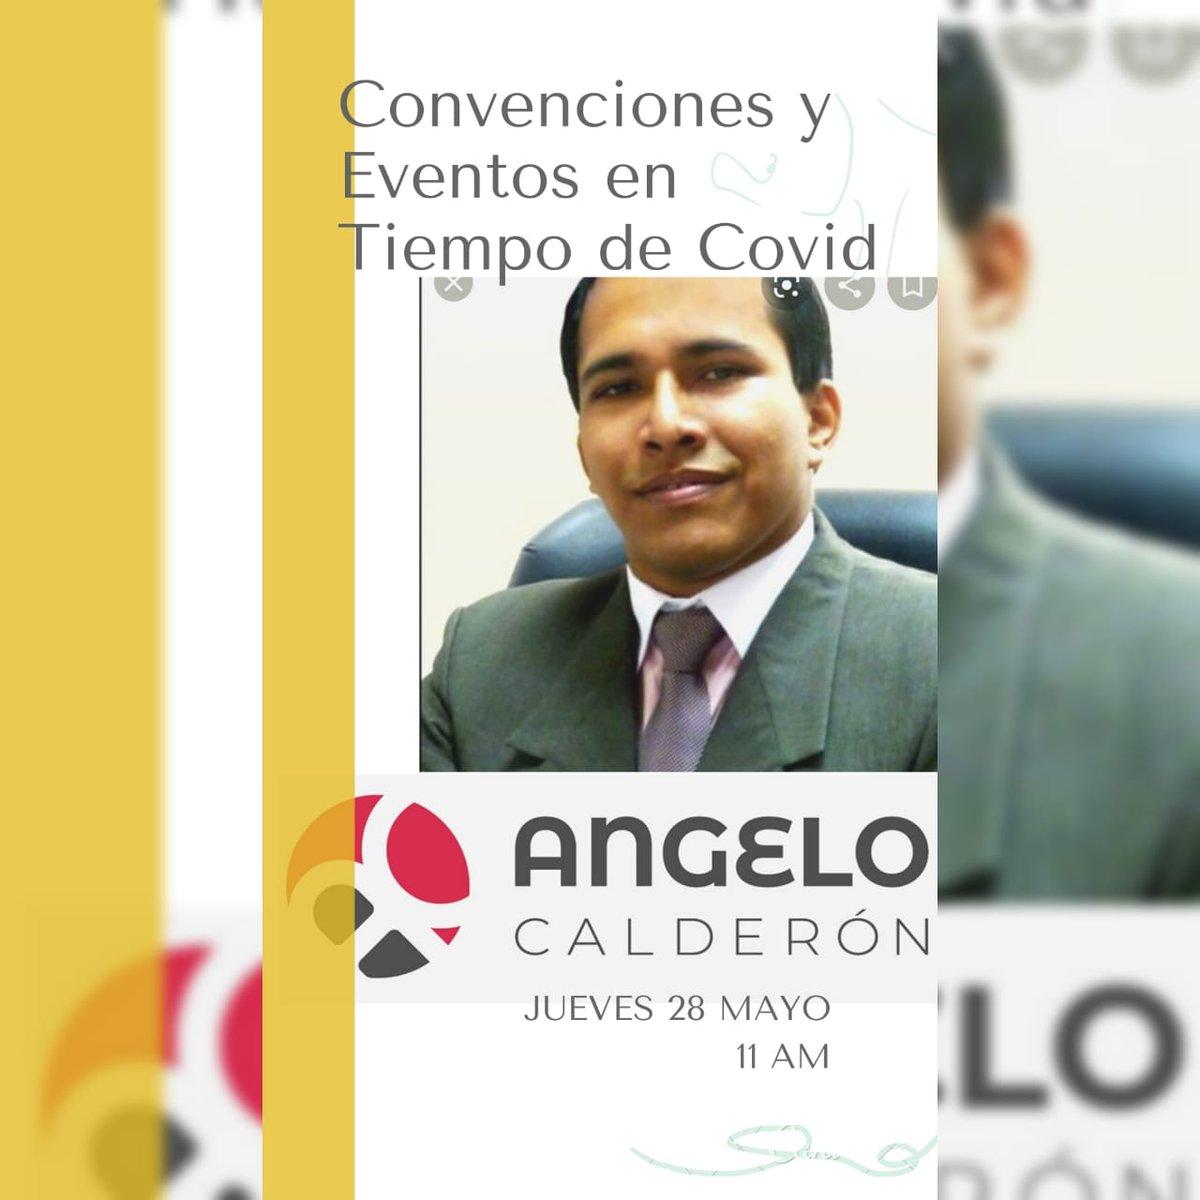 Gracias Jorge por la invitación. Mírala el jueves 28 de mayo por facebook Jorge Montiel Alvarez a las 11h00.    #Turismodereuniones #eventos #congresos #convenciones #bioseguridadpic.twitter.com/cAlnAmZ3pE